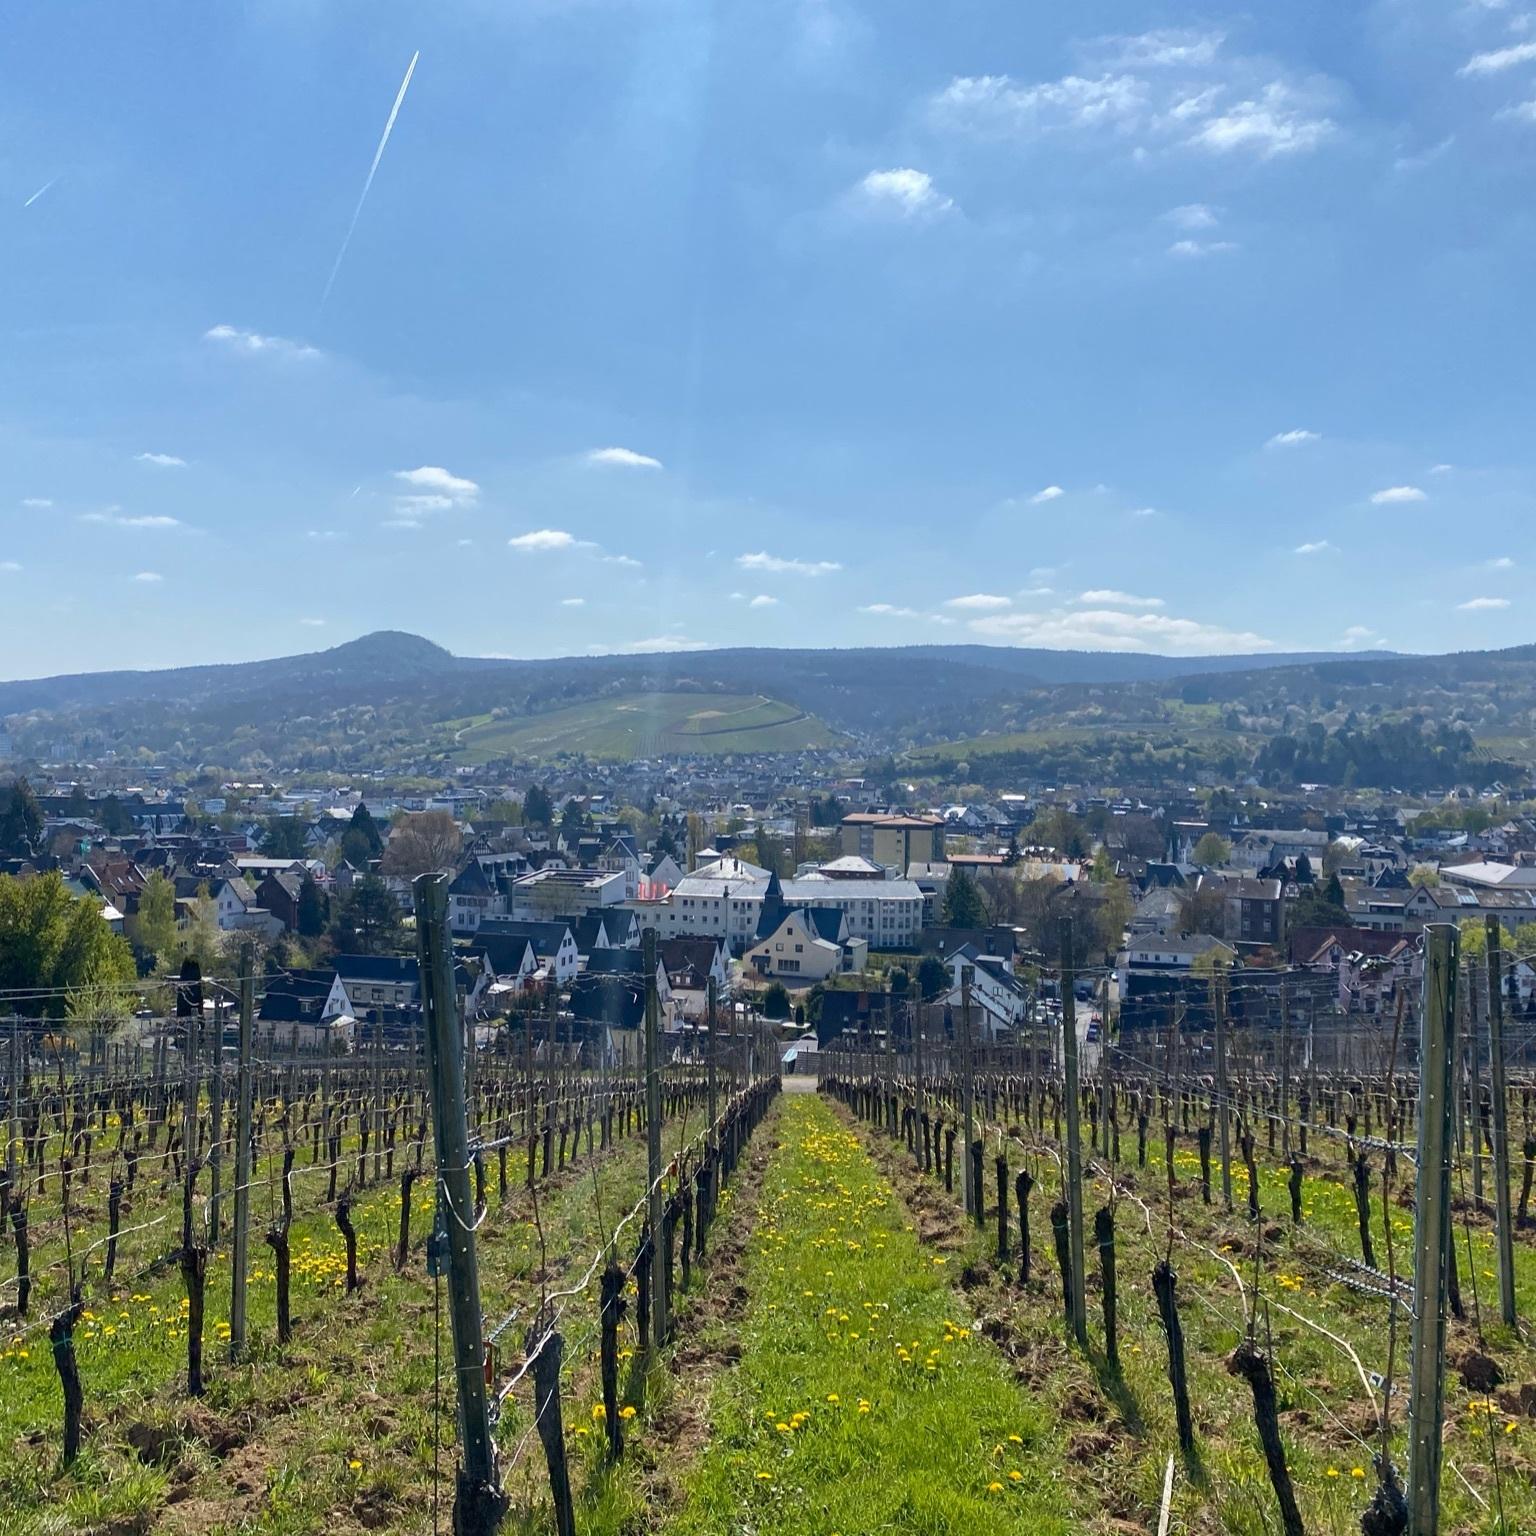 Blick auf Weinberge und Ahrweiler